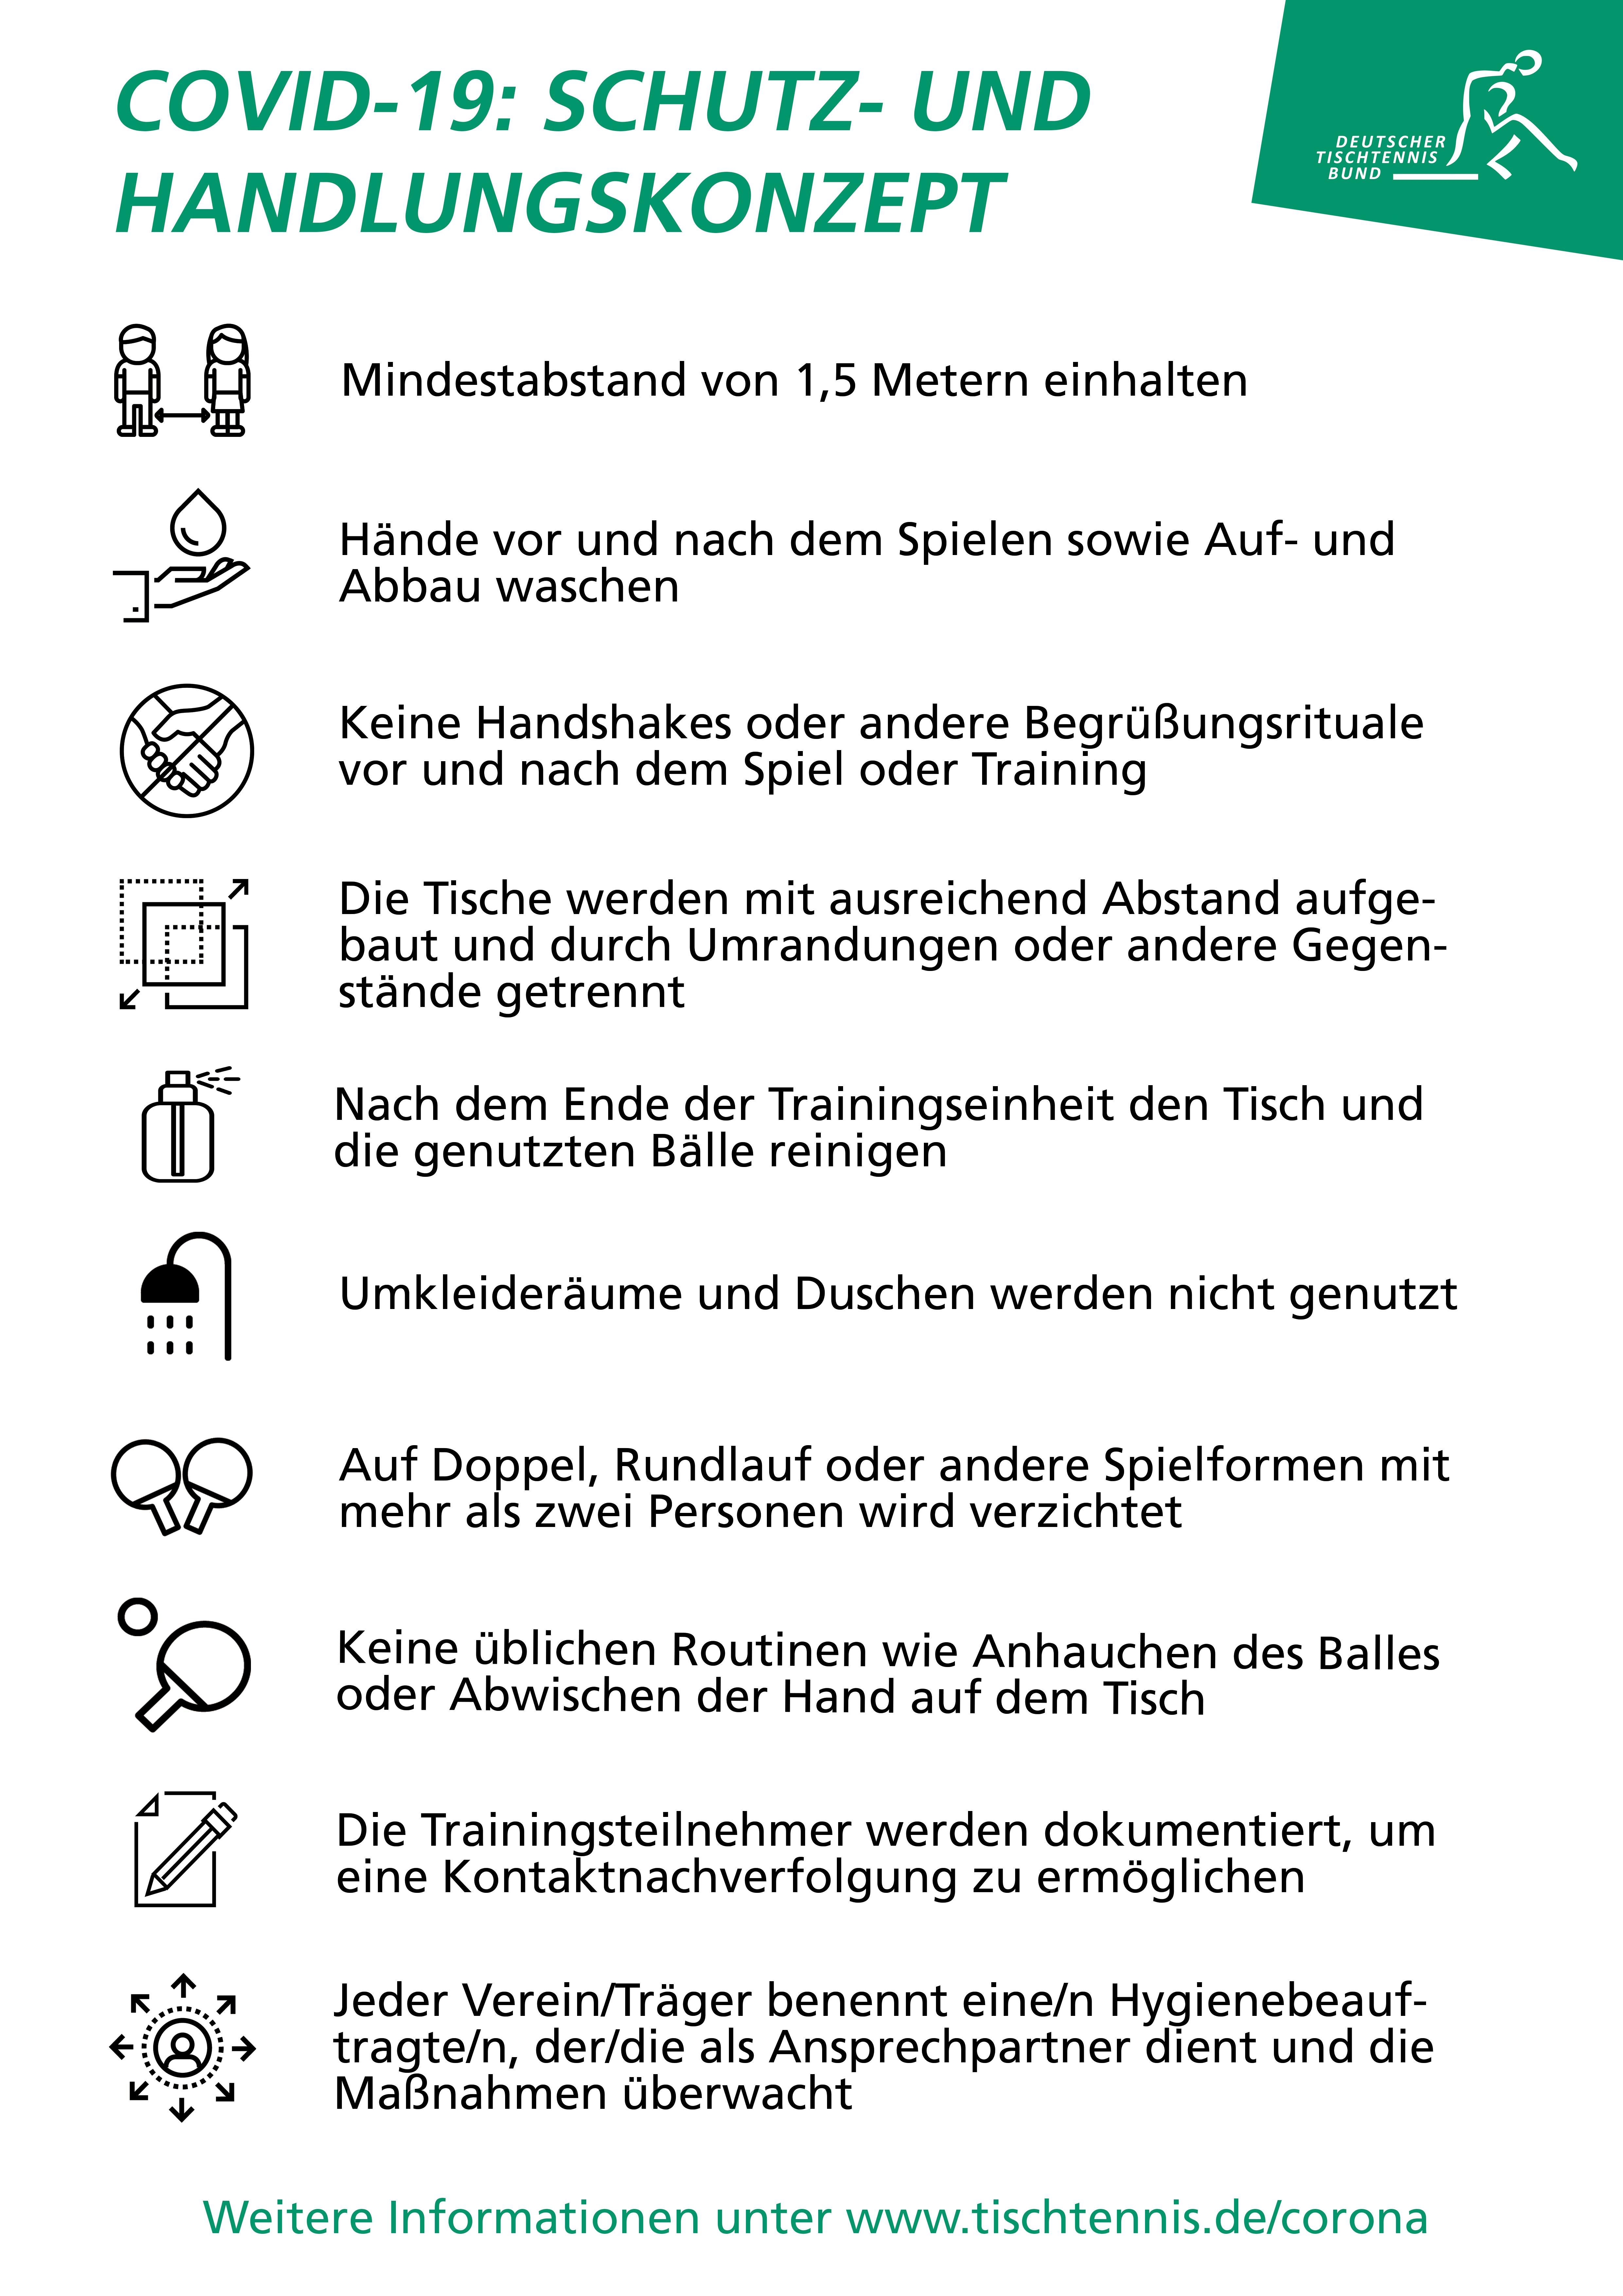 https://www.tischtennis.de/fileadmin/images_articles/06_Sonstiges/Corona/Hygiene_Guideliness_weiss_fin.jpg